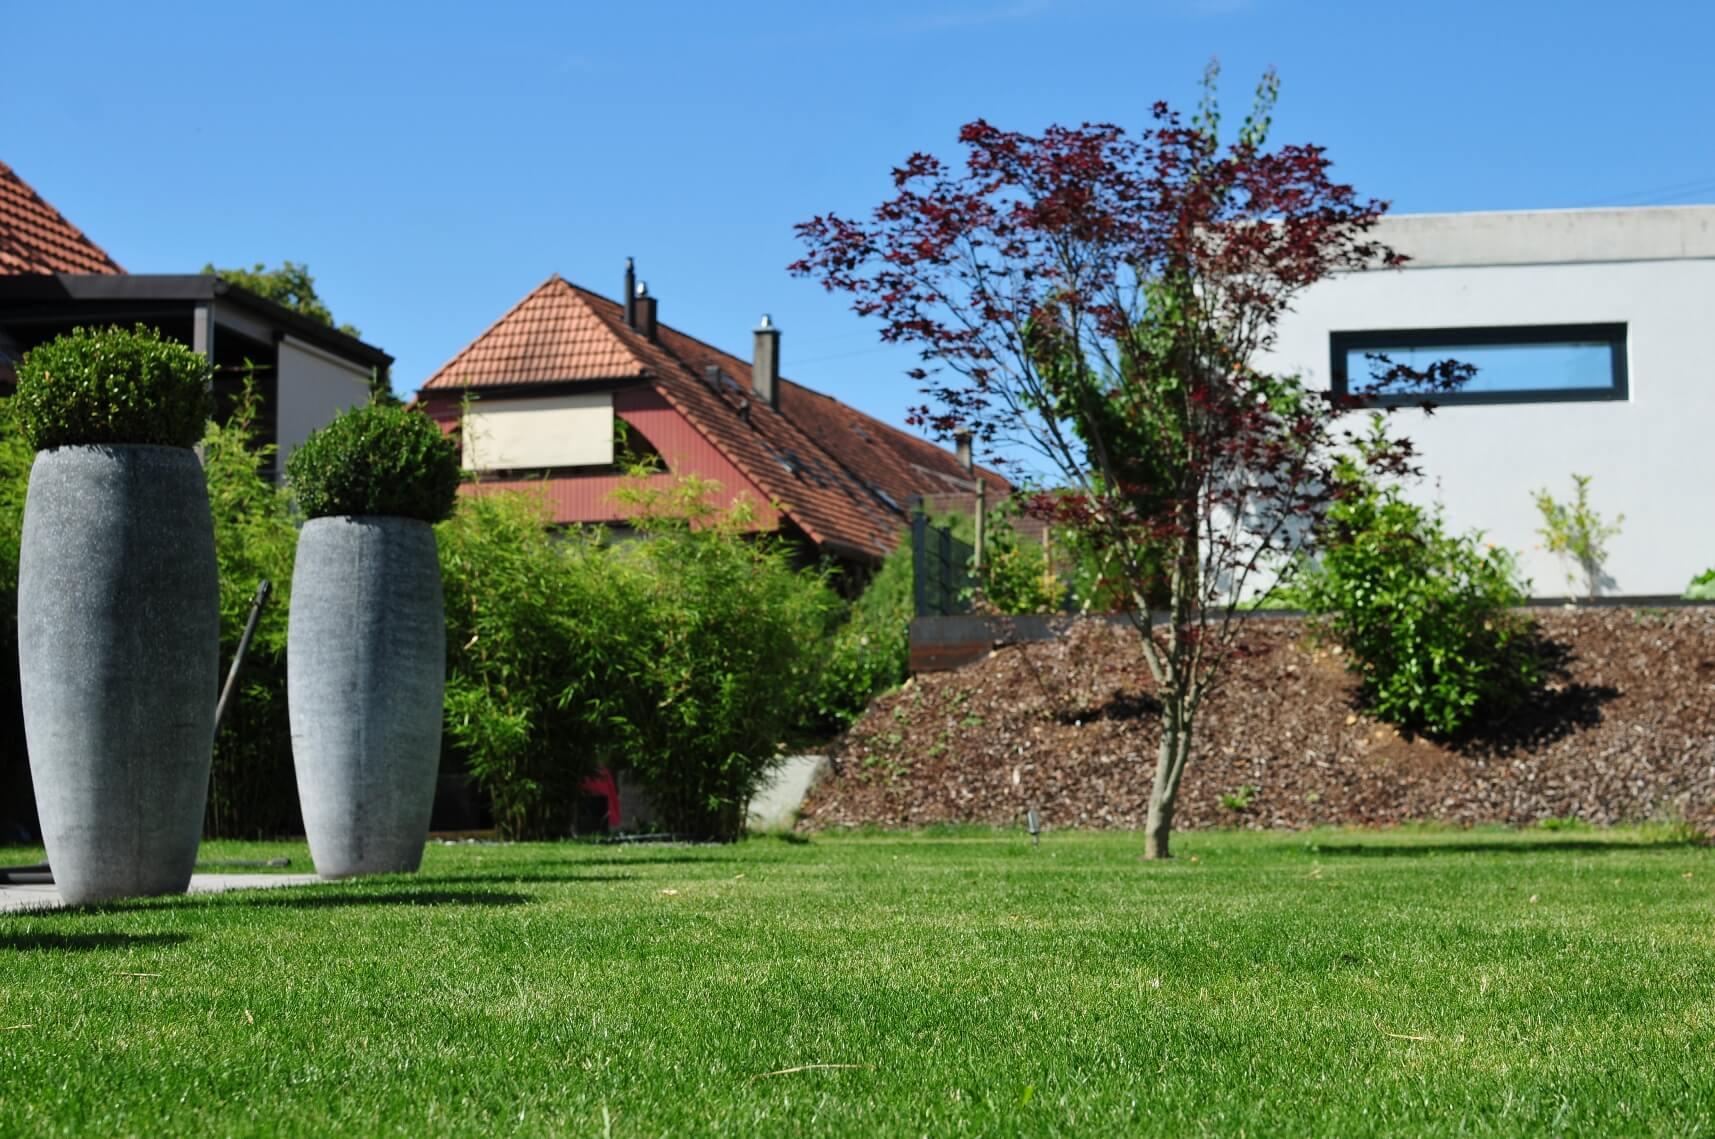 paysagiste aménagement terrasse en bois pots de fleurs bambou verdure elligue mickael (4)